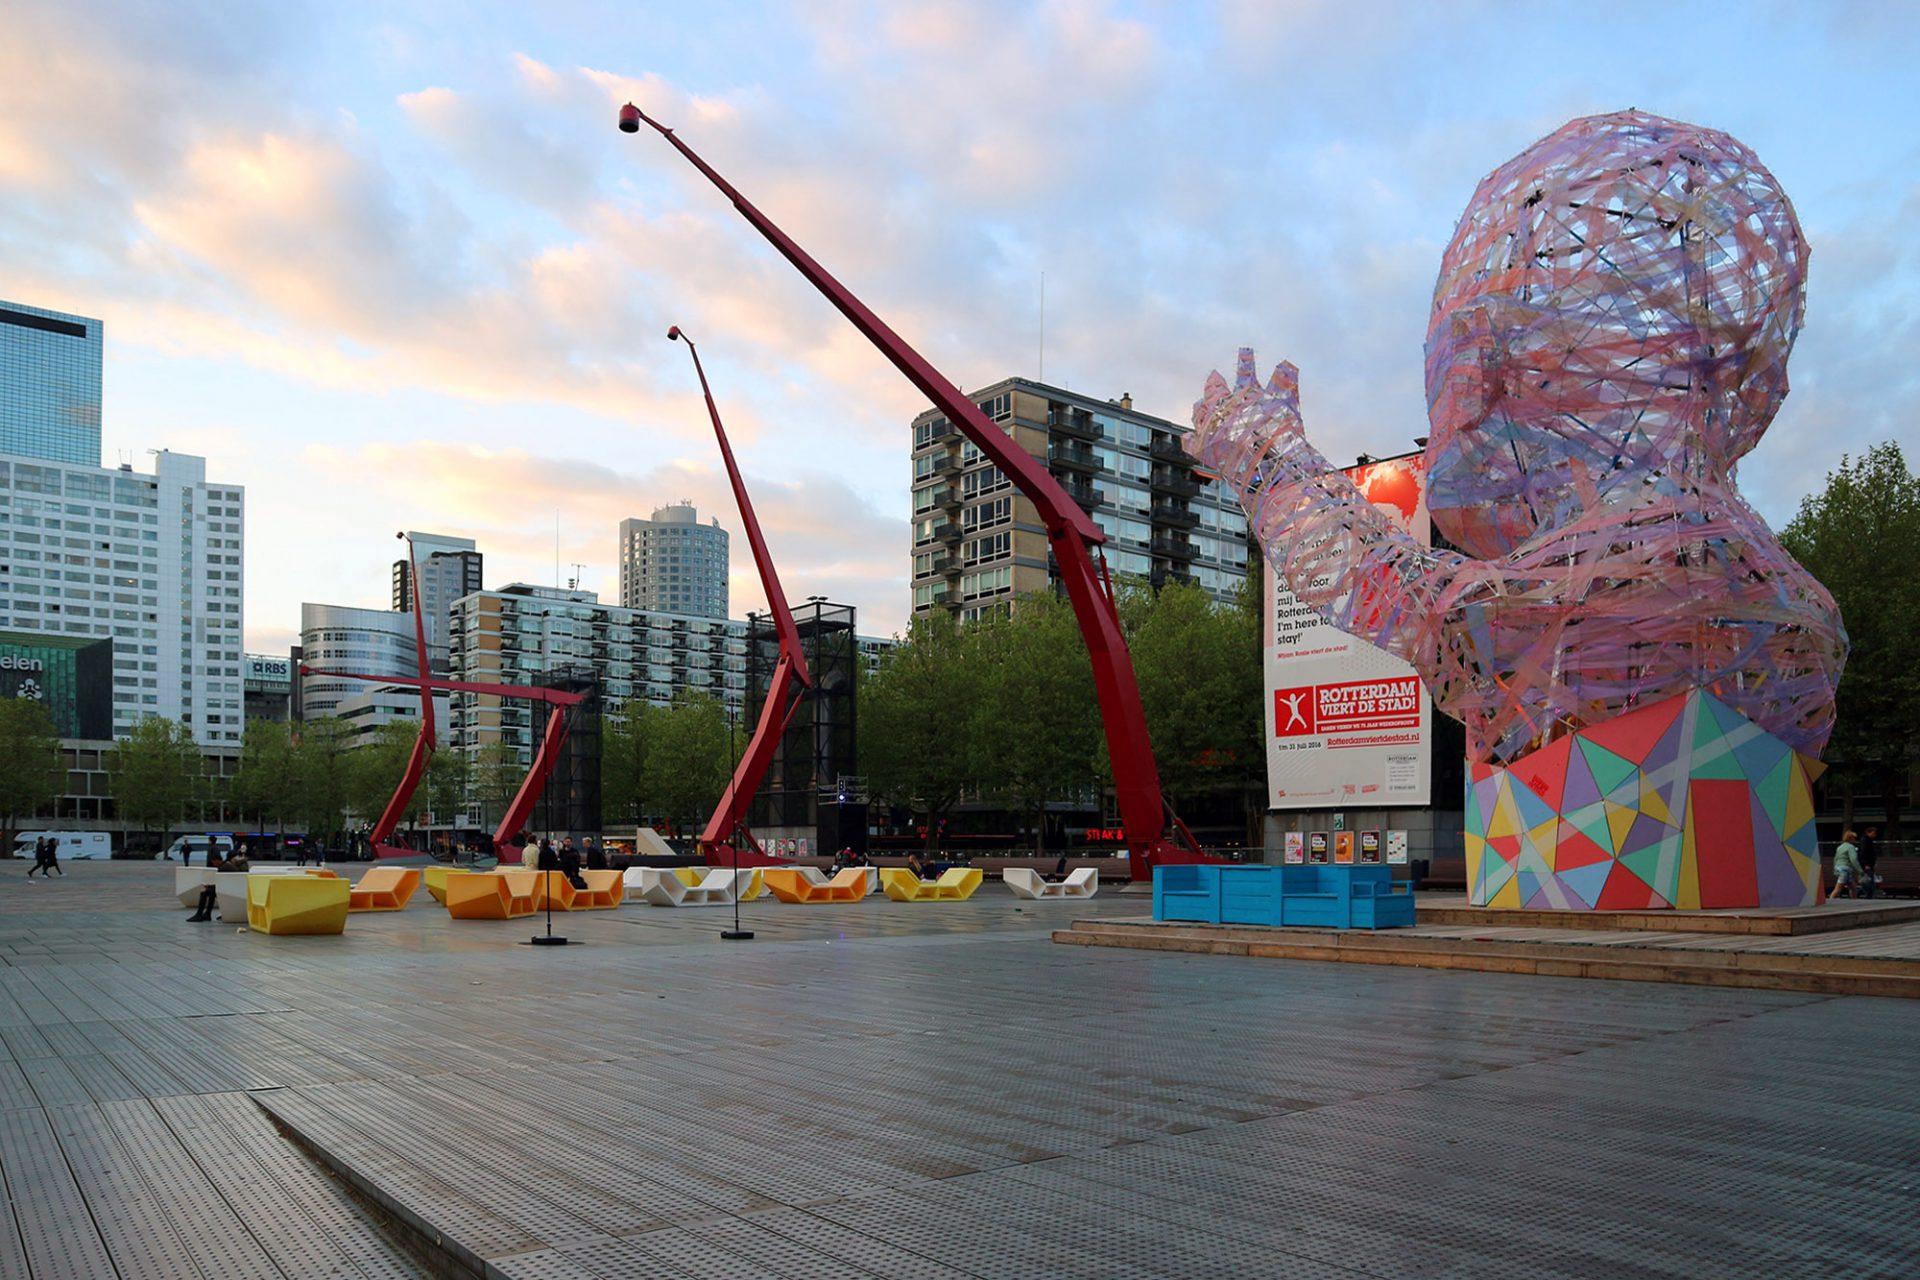 07_Schauwbourgplein 01 © Hendrik Bohle. Je nach Wetterlage verleiht der reflektierende Metallboden dem Platz eine besondere Atmosphäre.